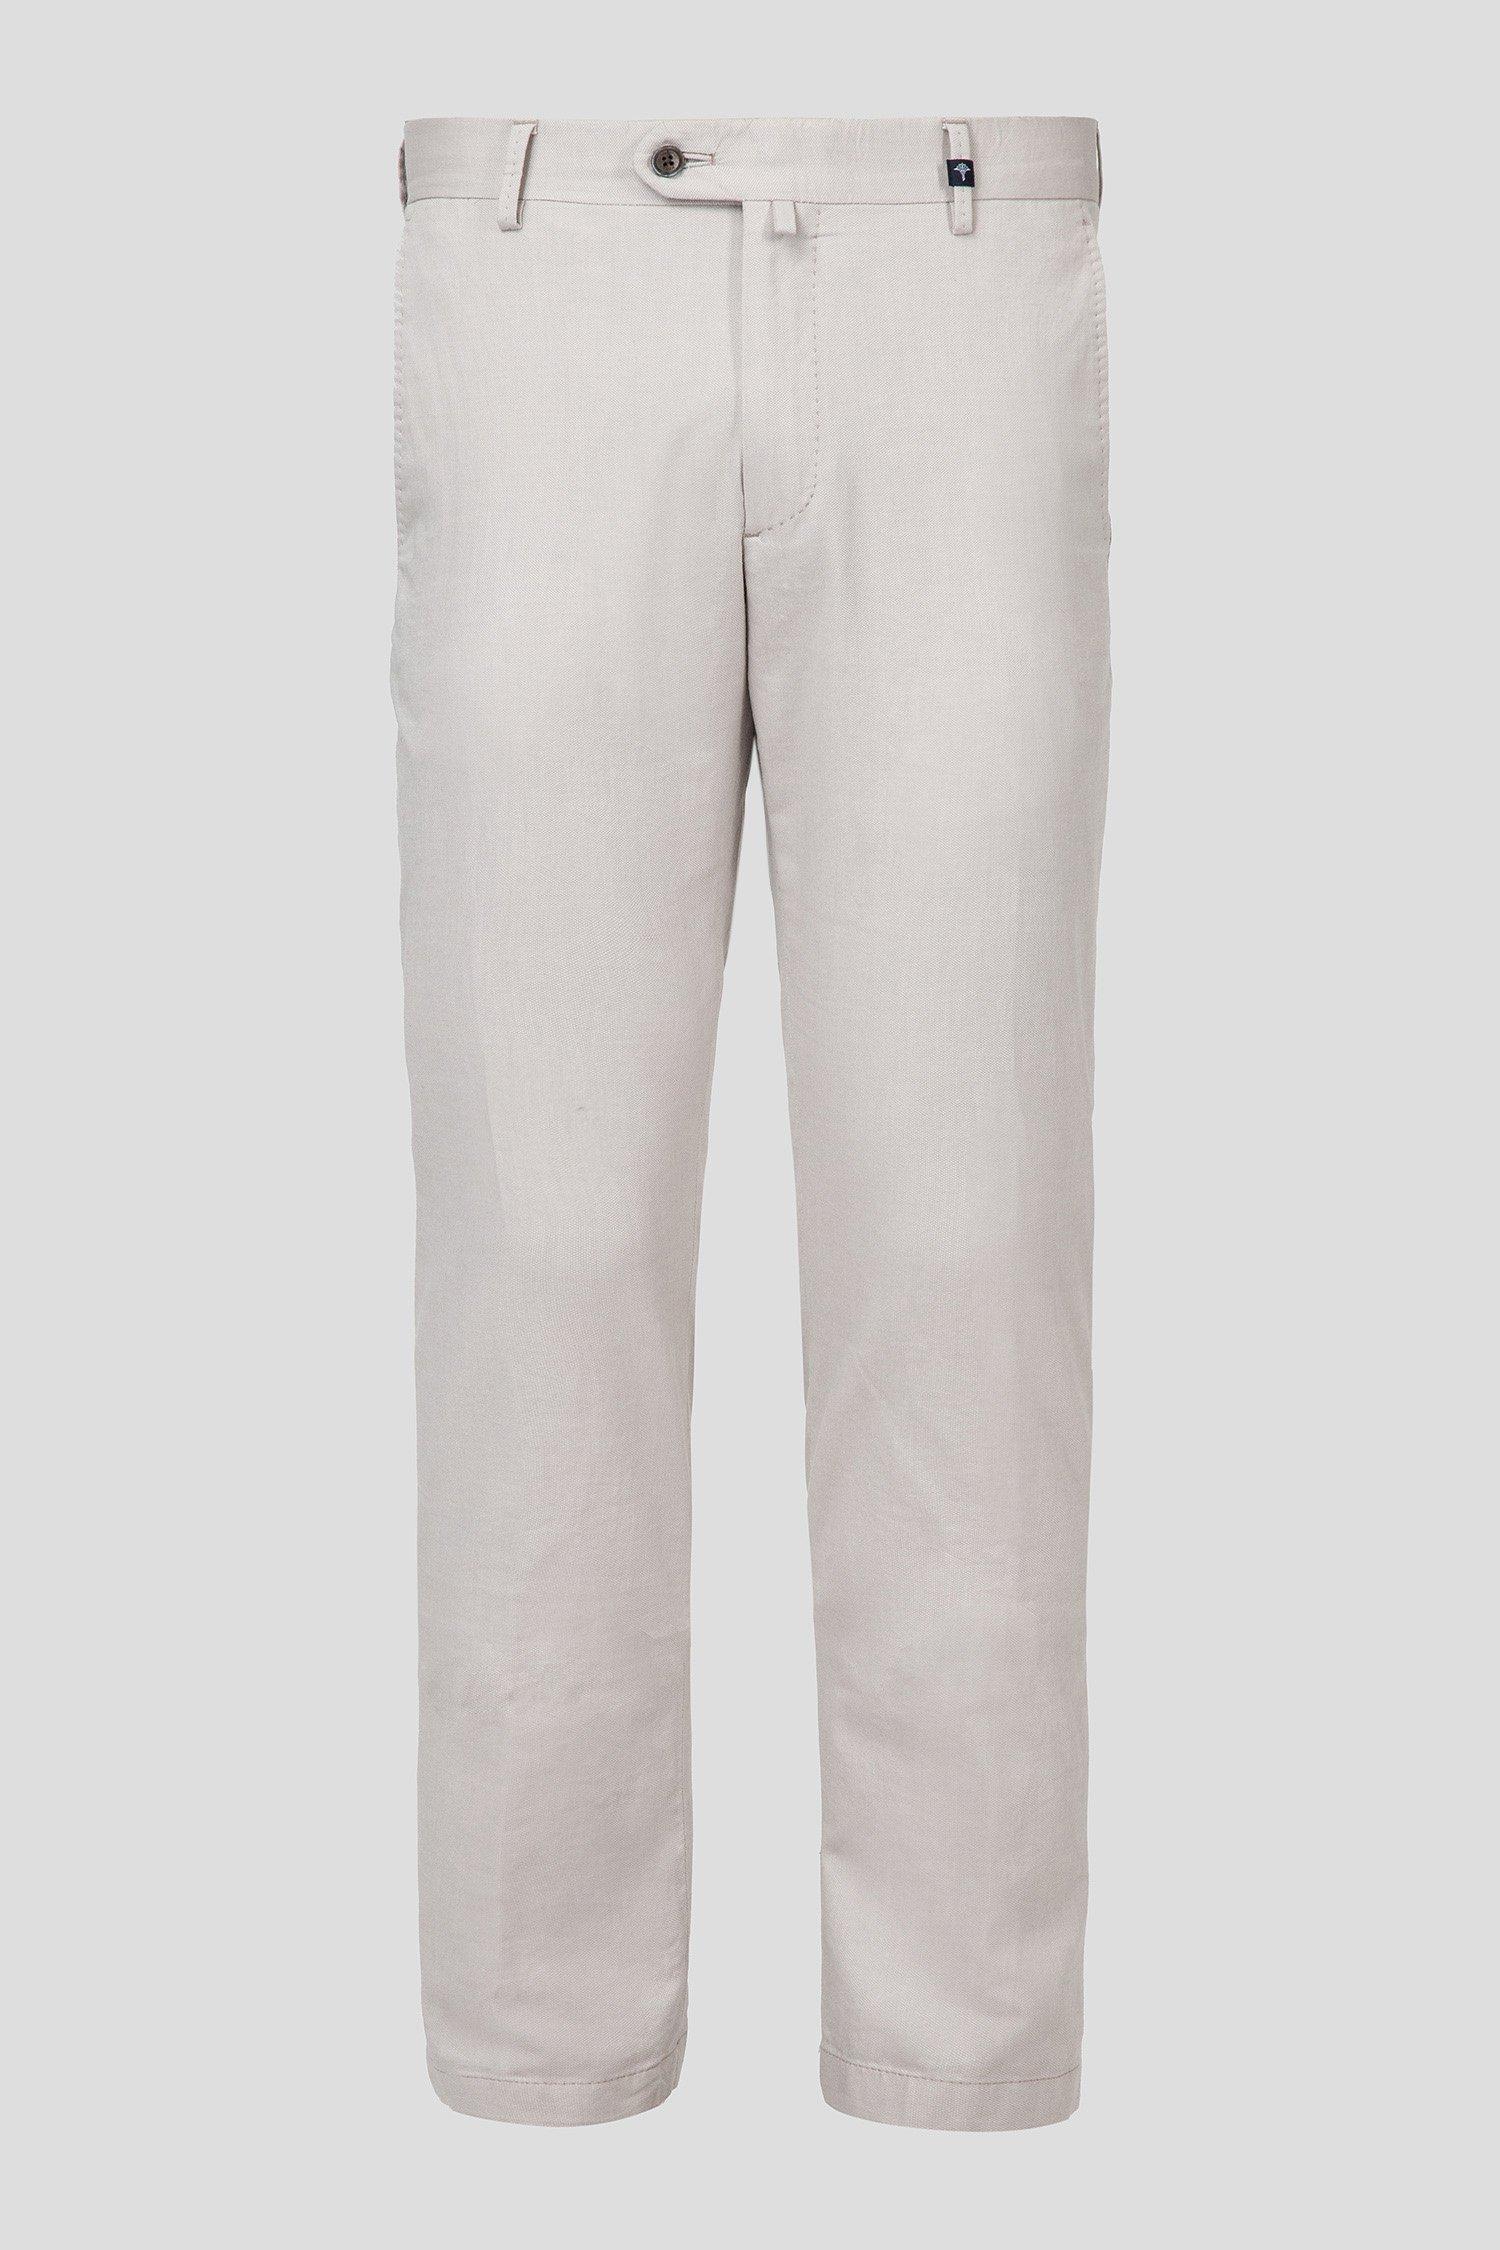 Купить Мужские бежевые чиносы Joop Joop 30015504-270 – Киев, Украина. Цены в интернет магазине MD Fashion